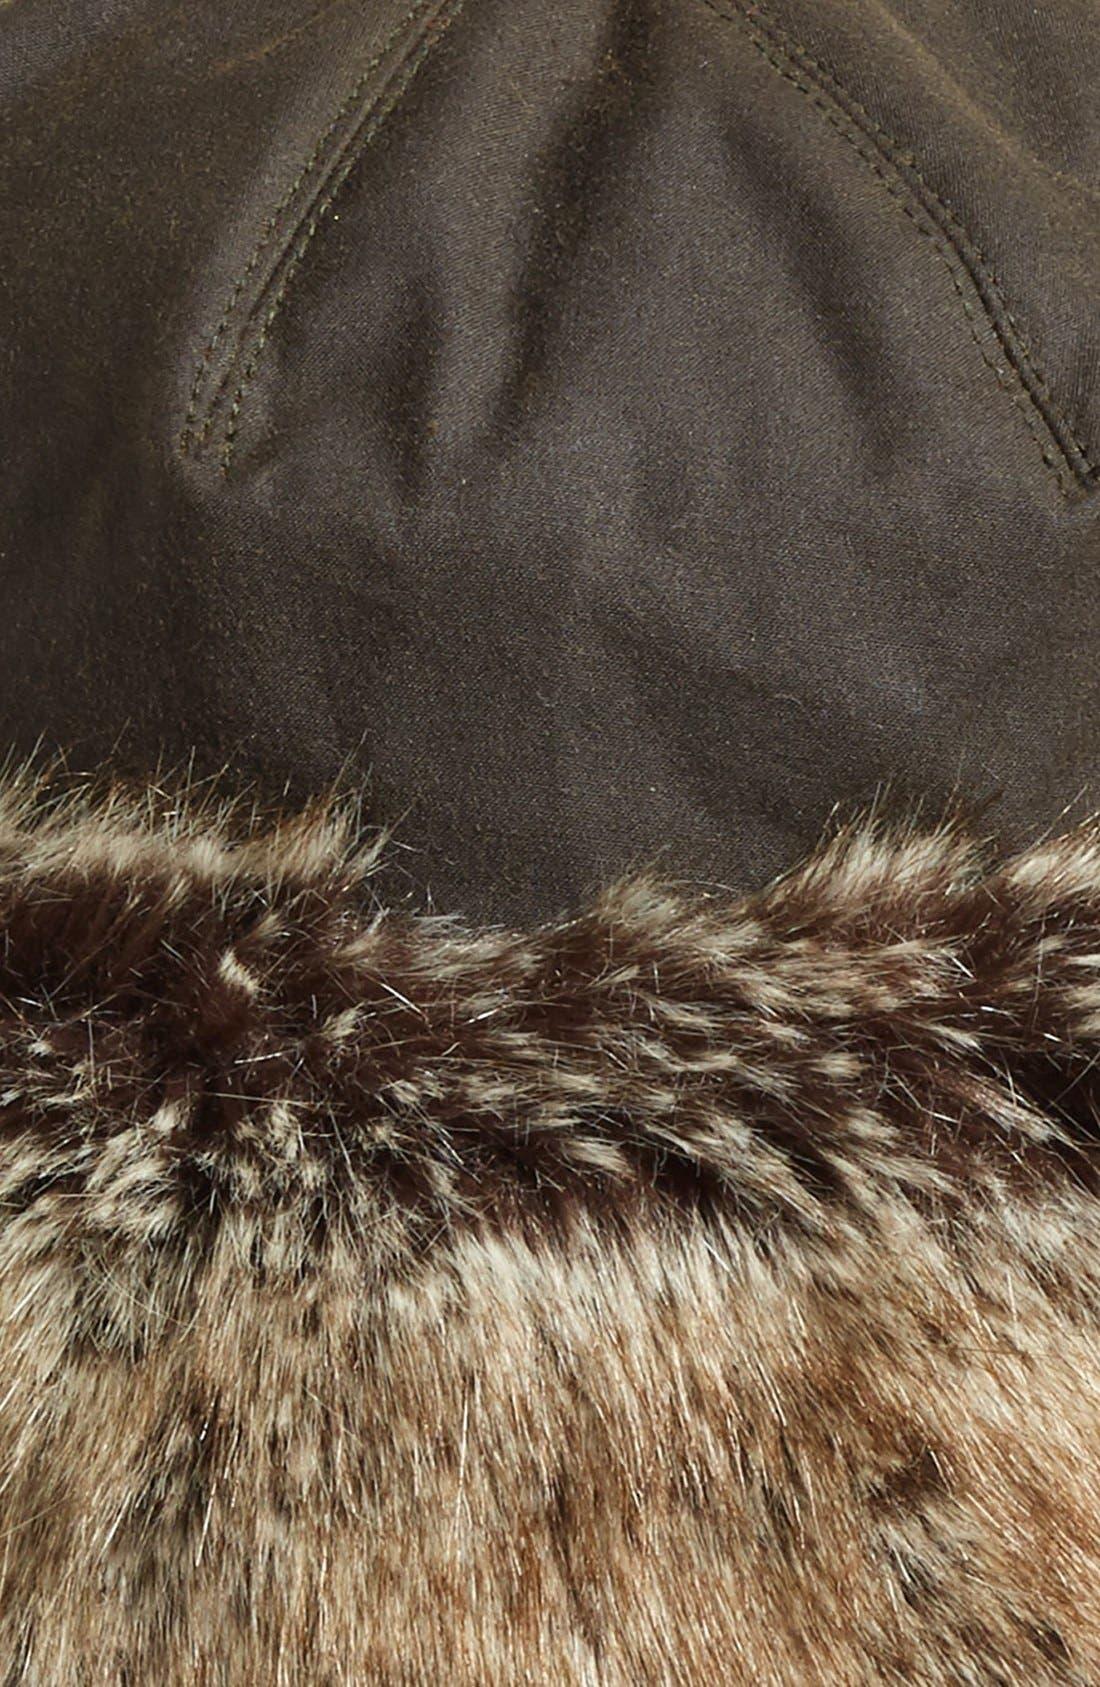 Alternate Image 2  - Barbour 'Ambush' Waxed Cotton Hat with Faux Fur Trim